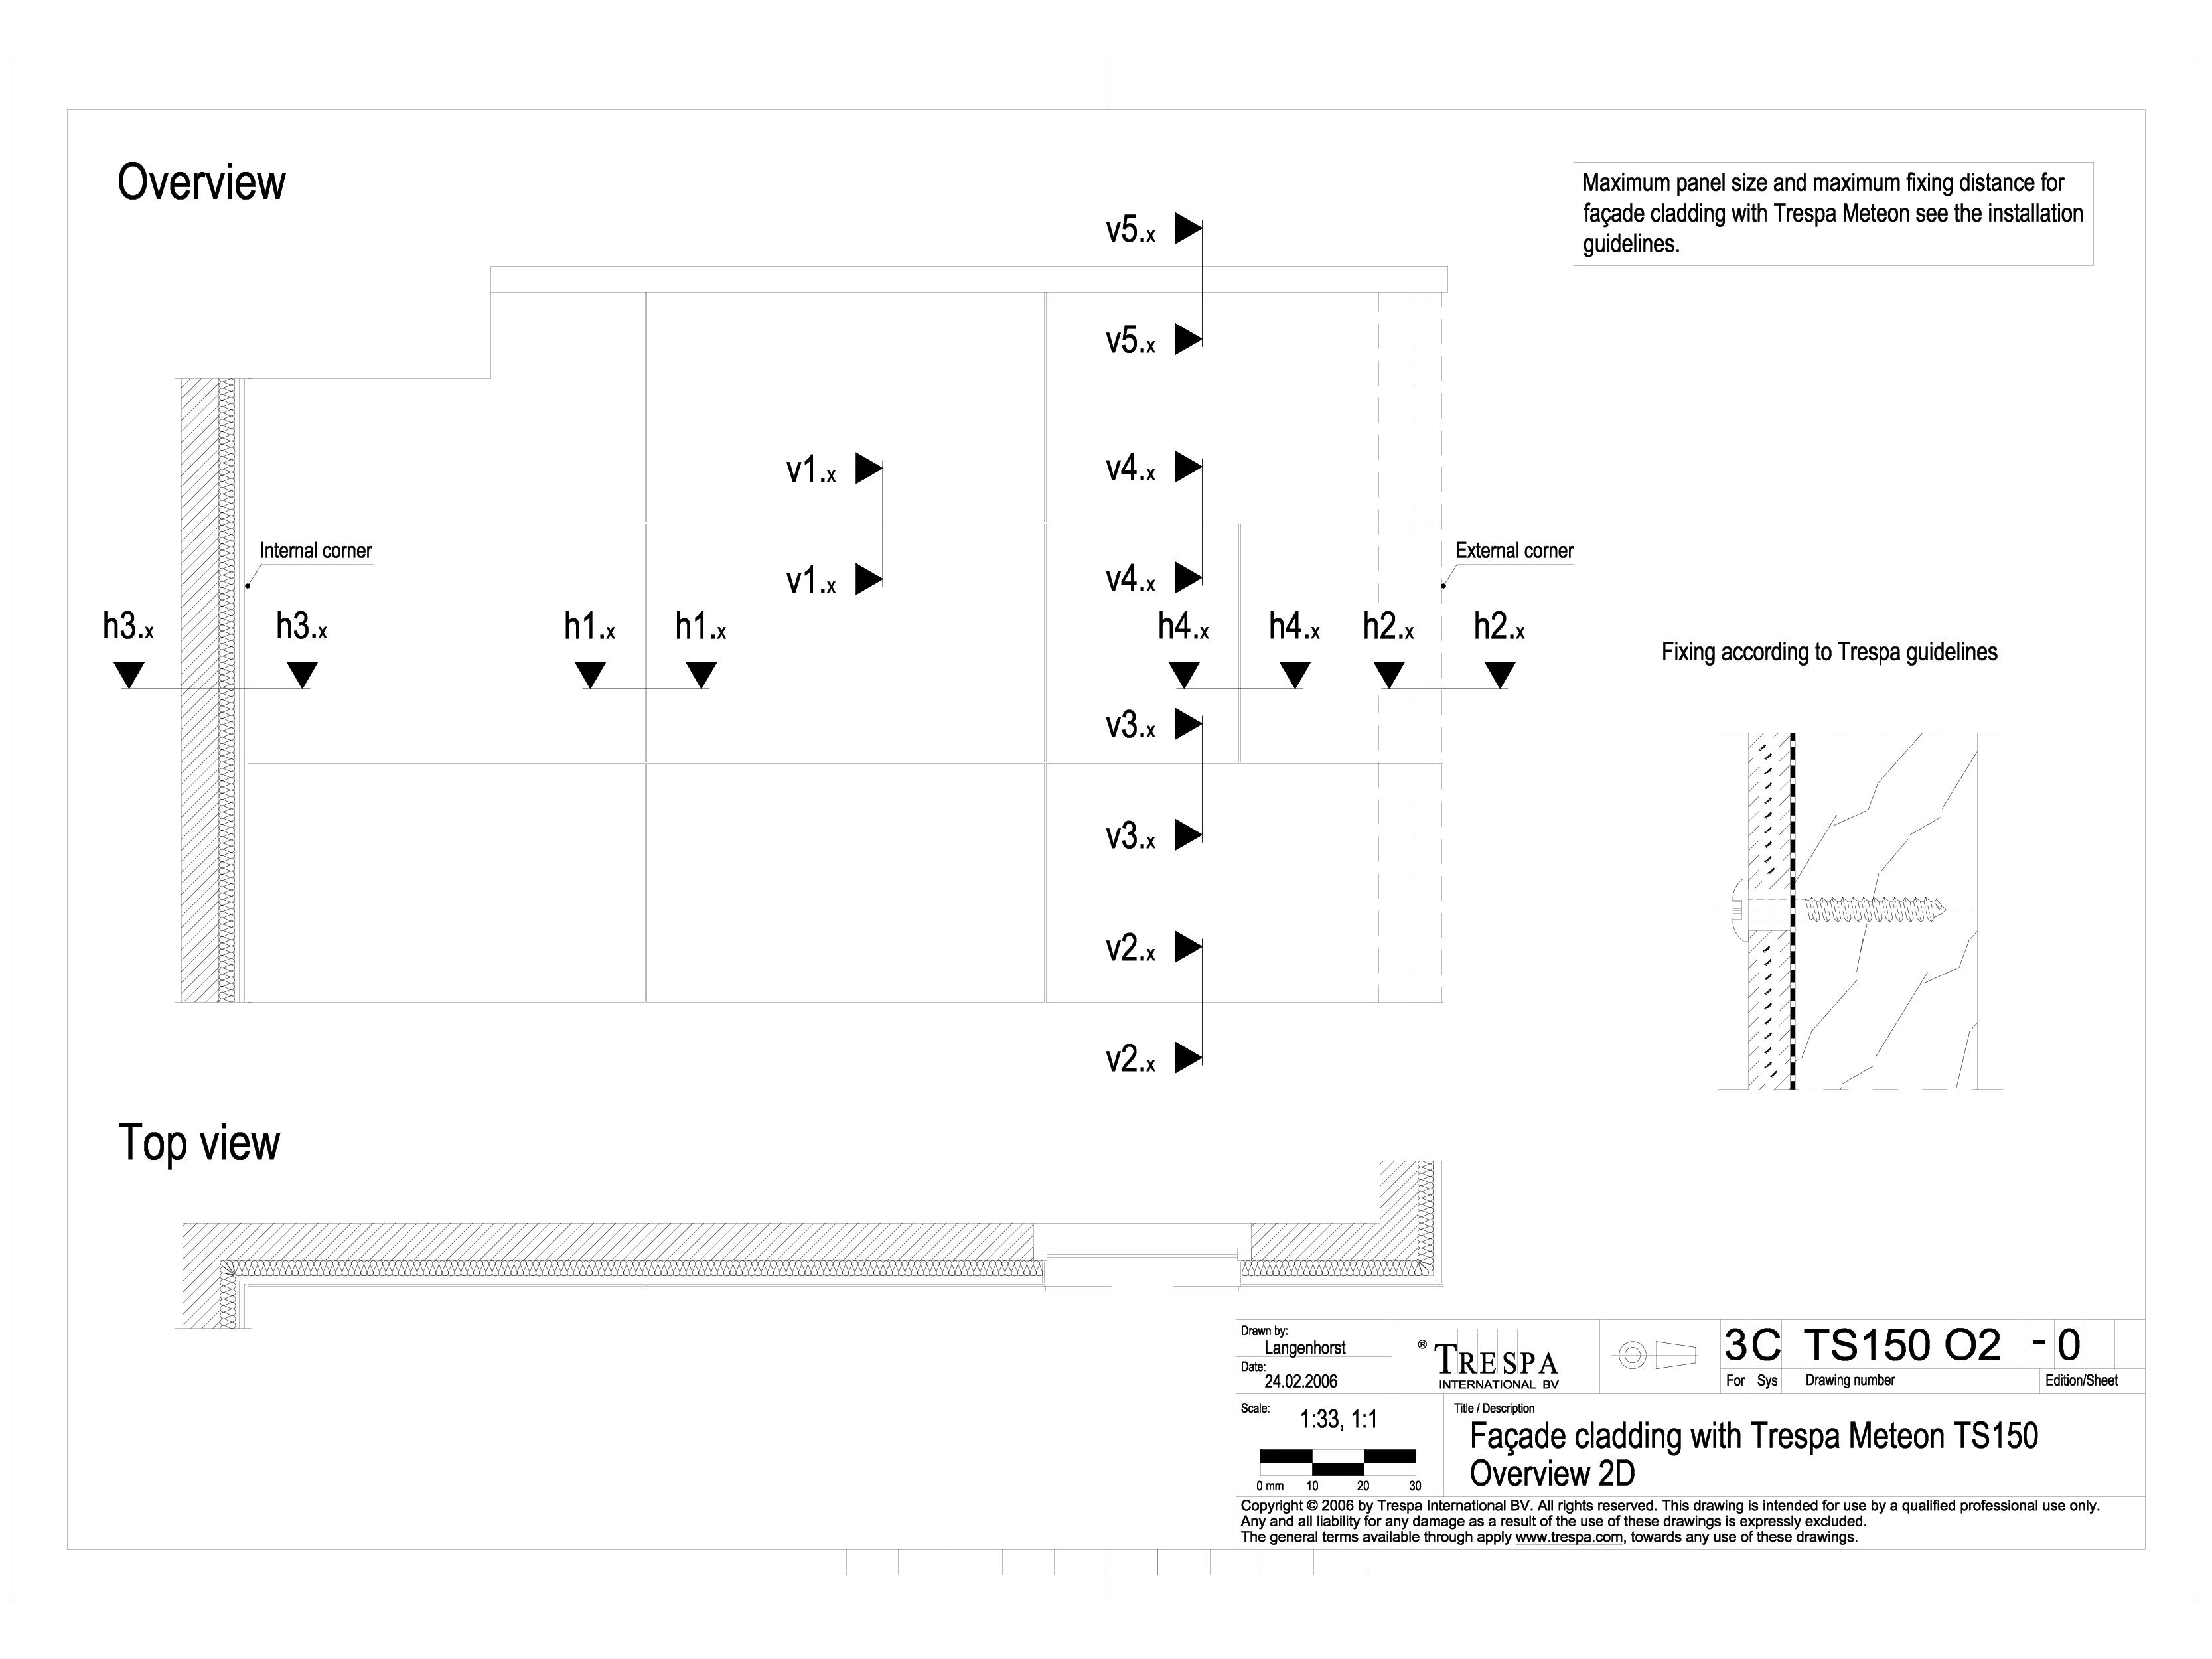 Sisteme de prindere fatade ventilate invizibile cu suruburi si cadru din lemn METEON TRESPA Placi HPL pentru fatade ventilate GIBB TECHNOLOGIES  - Pagina 1